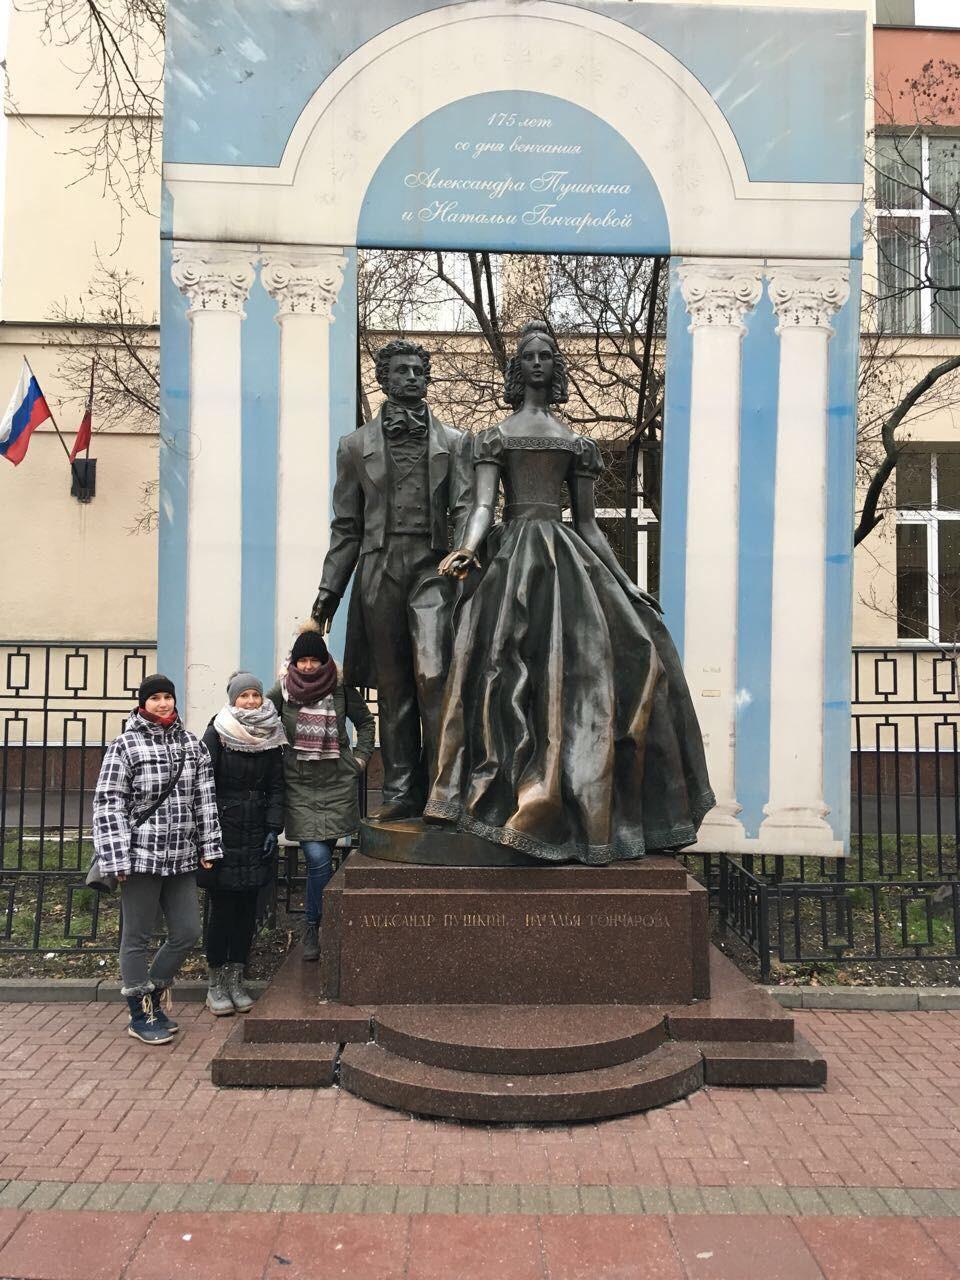 Slovenke pod spomenikom Aleksandra Puškina in Natalije Gončarove na Arbatu